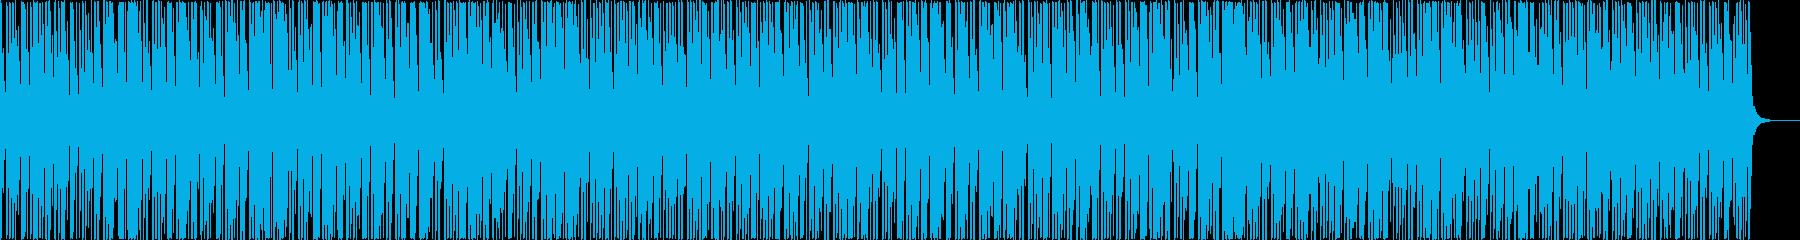 CM・爽やか・陽気・フルート・ボサノバの再生済みの波形